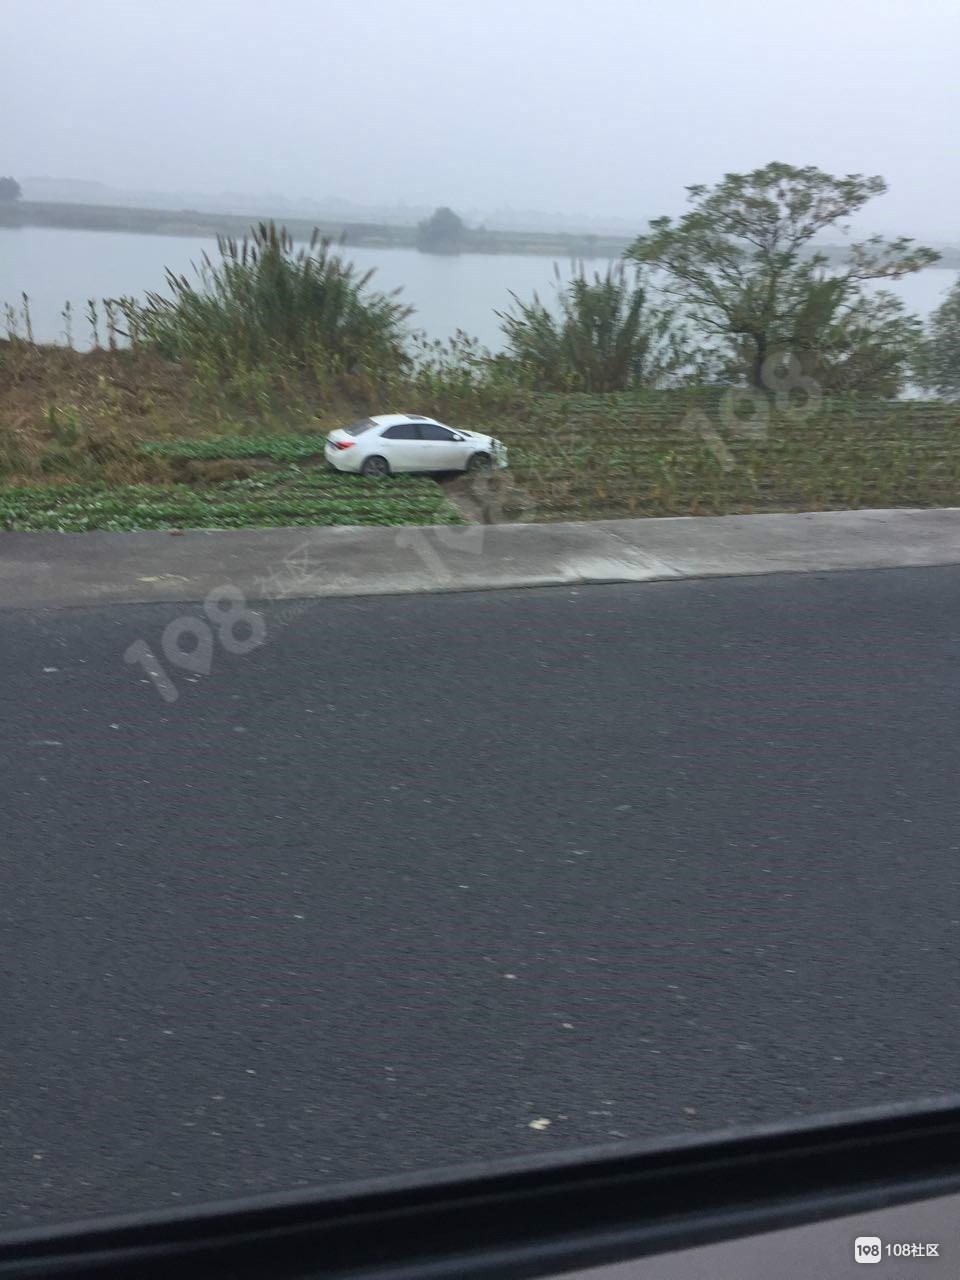 雾天请注意!沥海3辆车开下塘路,其中一奥迪已被吊起拖走